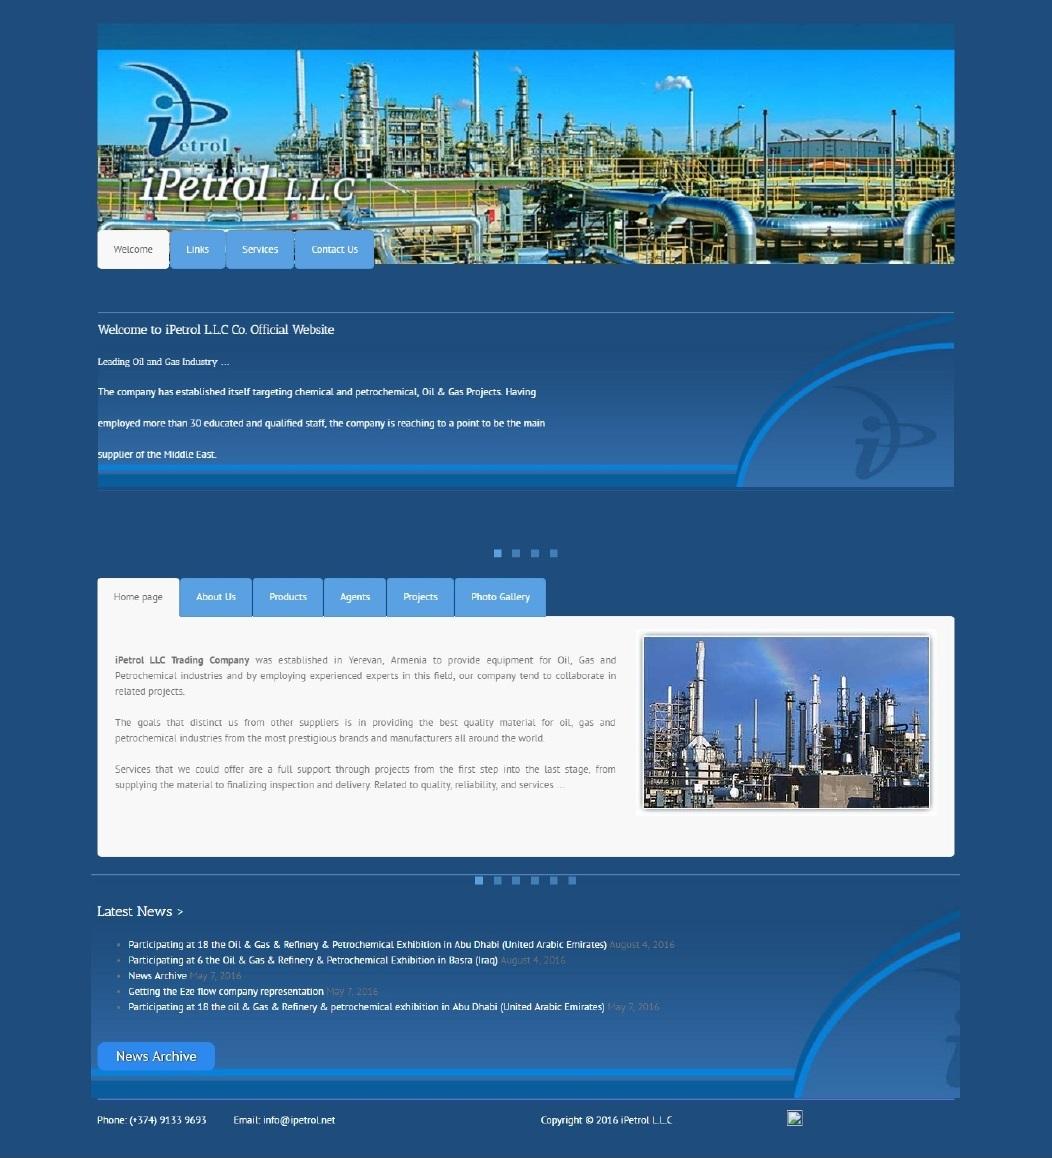 طراحی سایت iPetrol